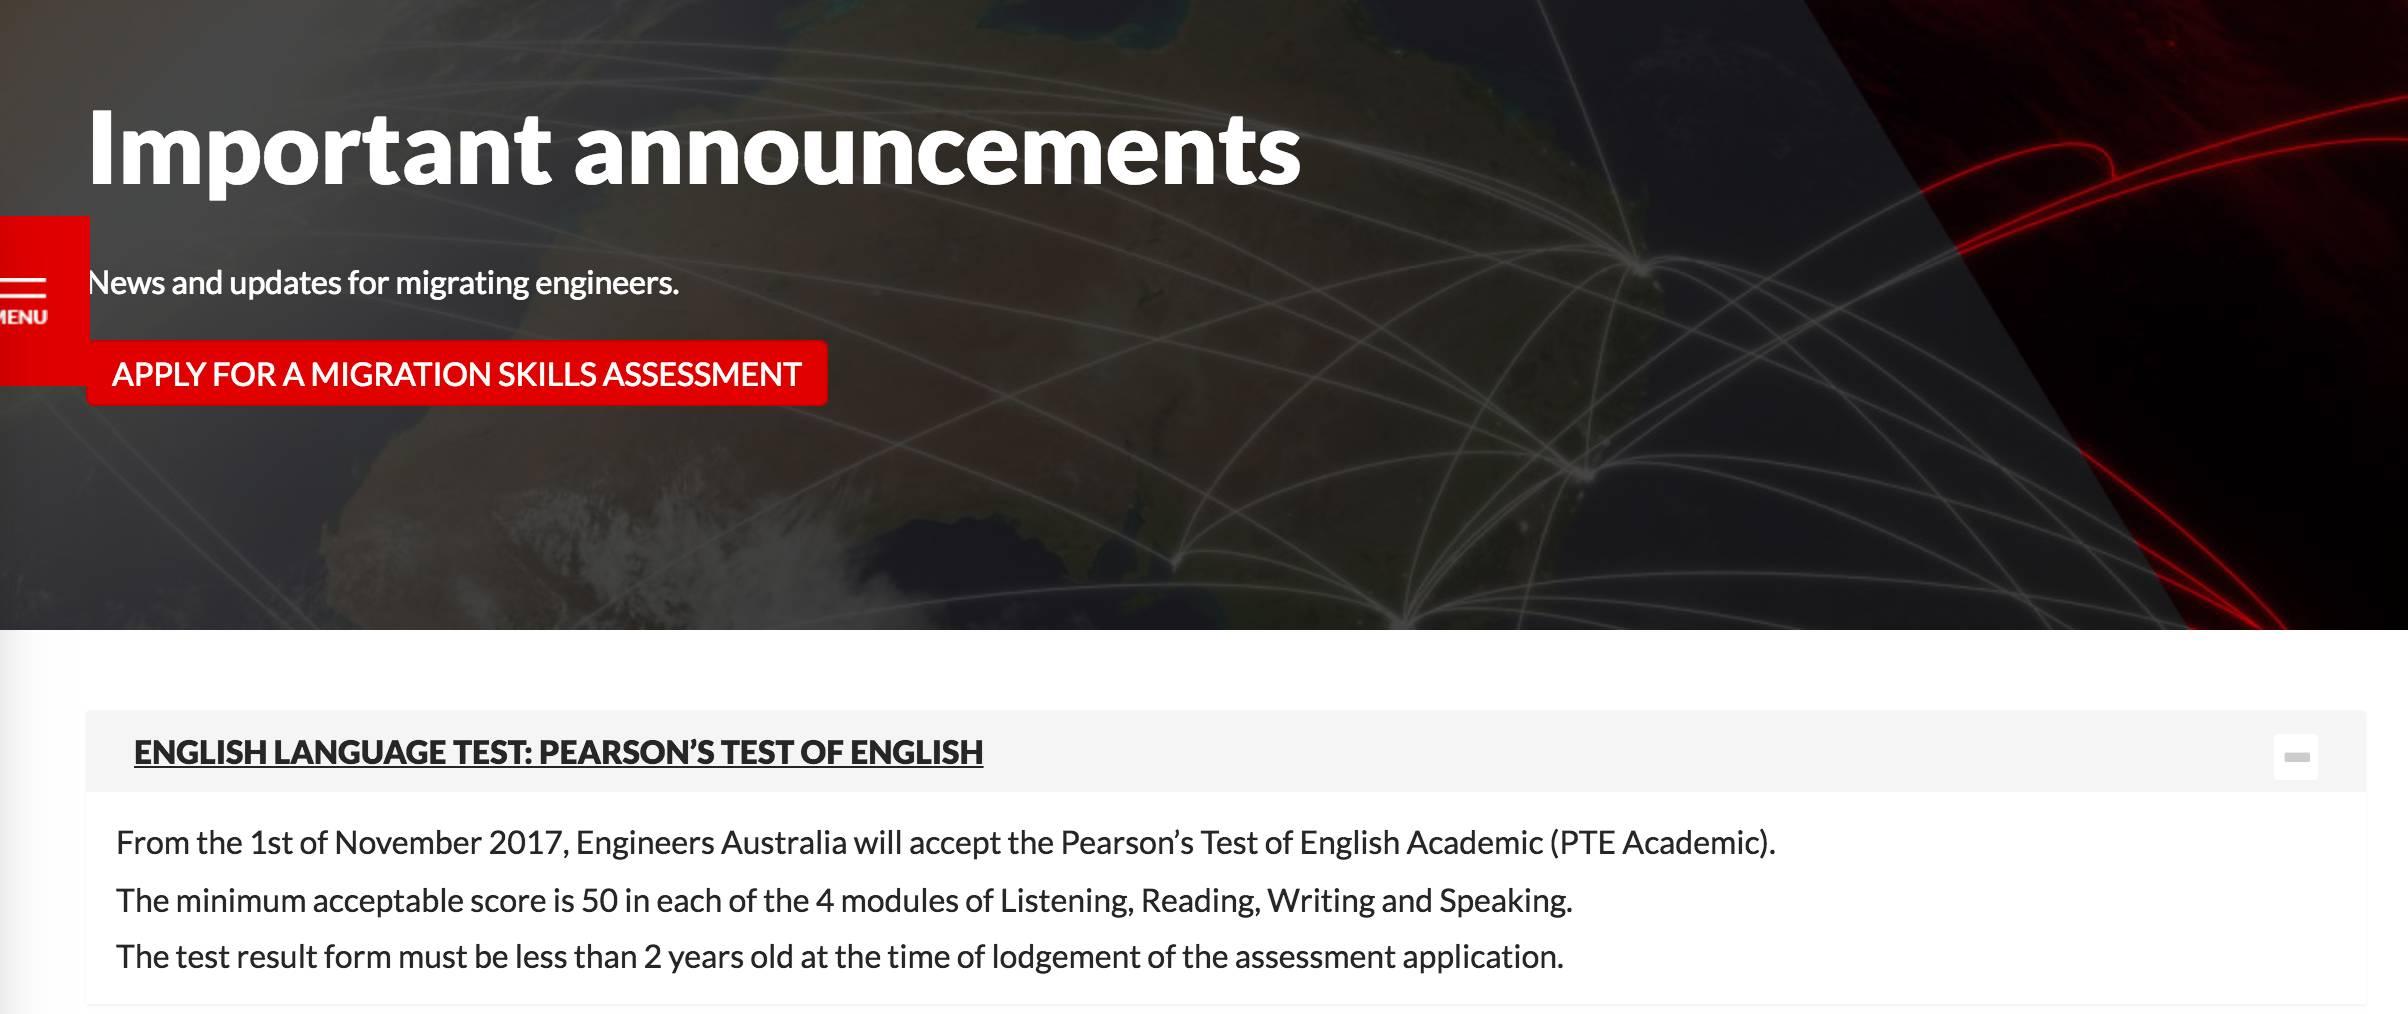 好消息!澳洲工程职业评估正式接受PTE成绩!